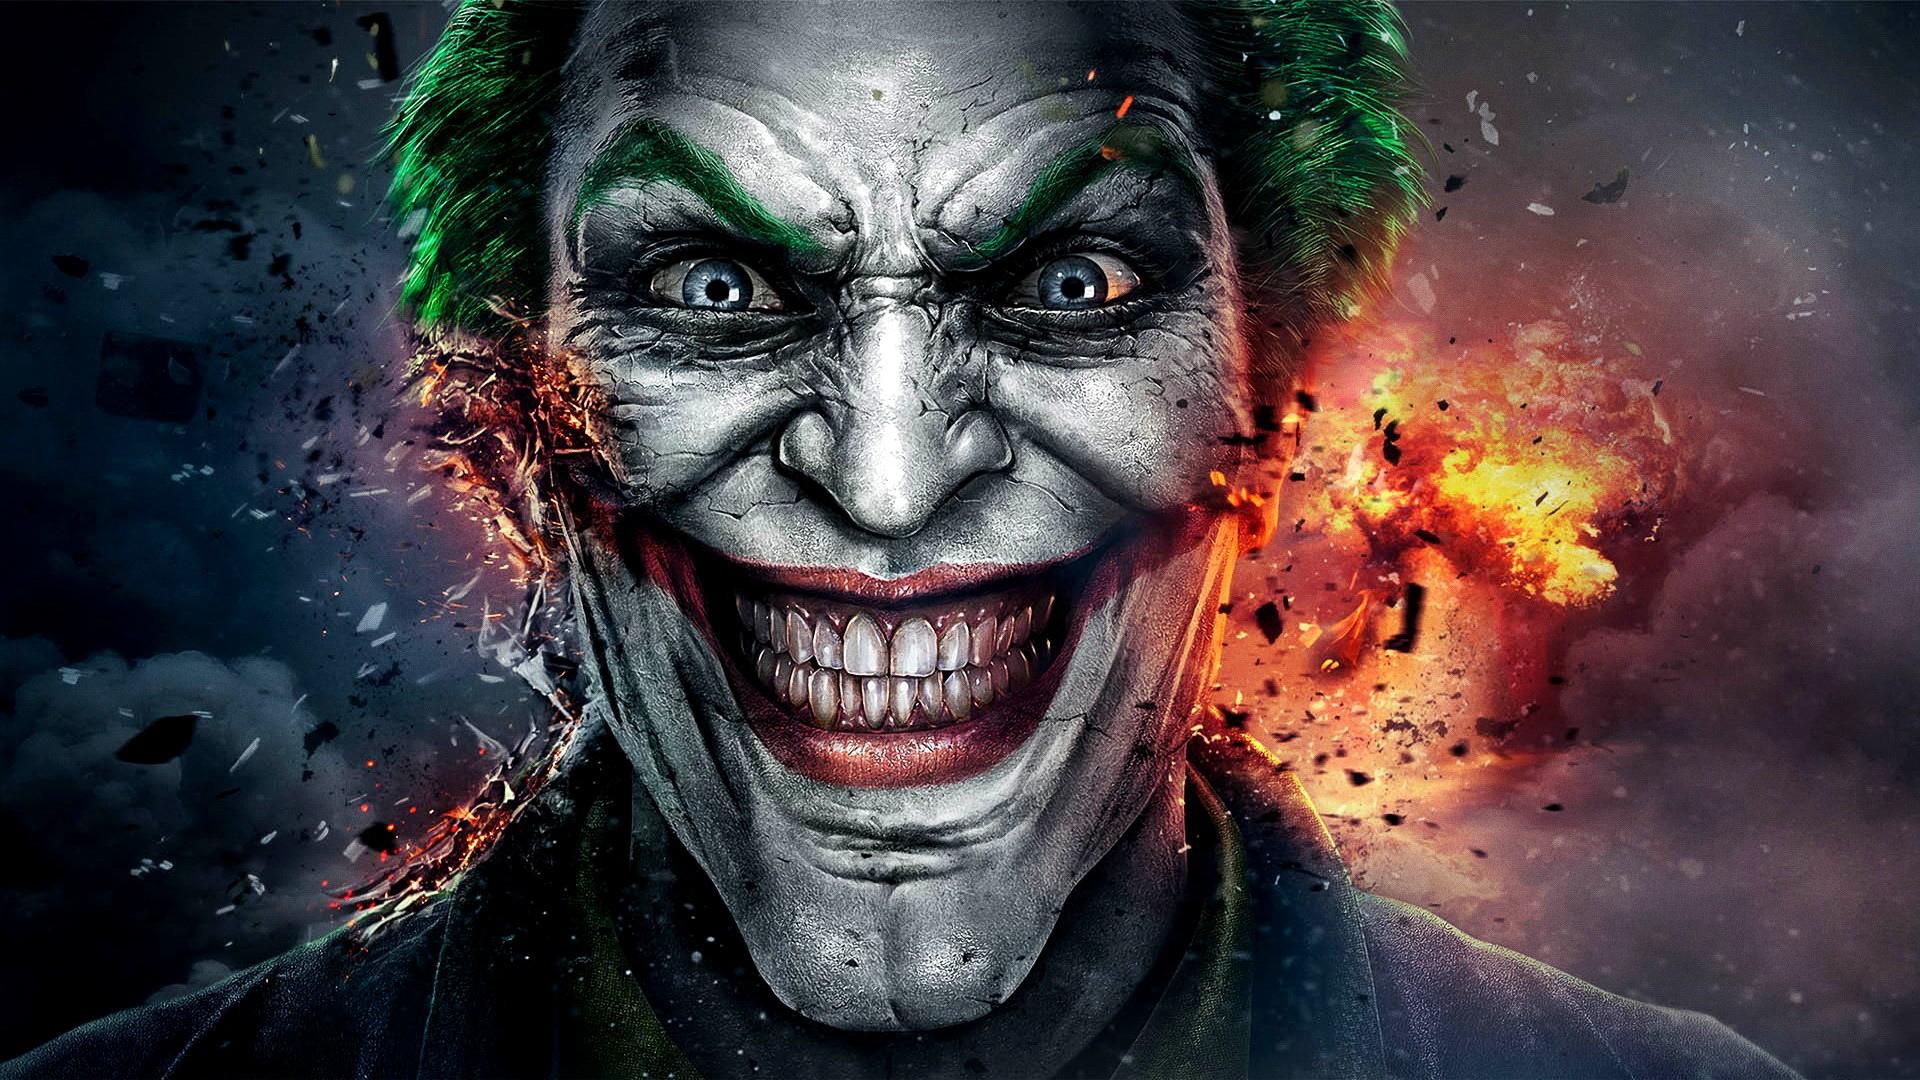 joker-face-closeup-wallpaper-1920x1080